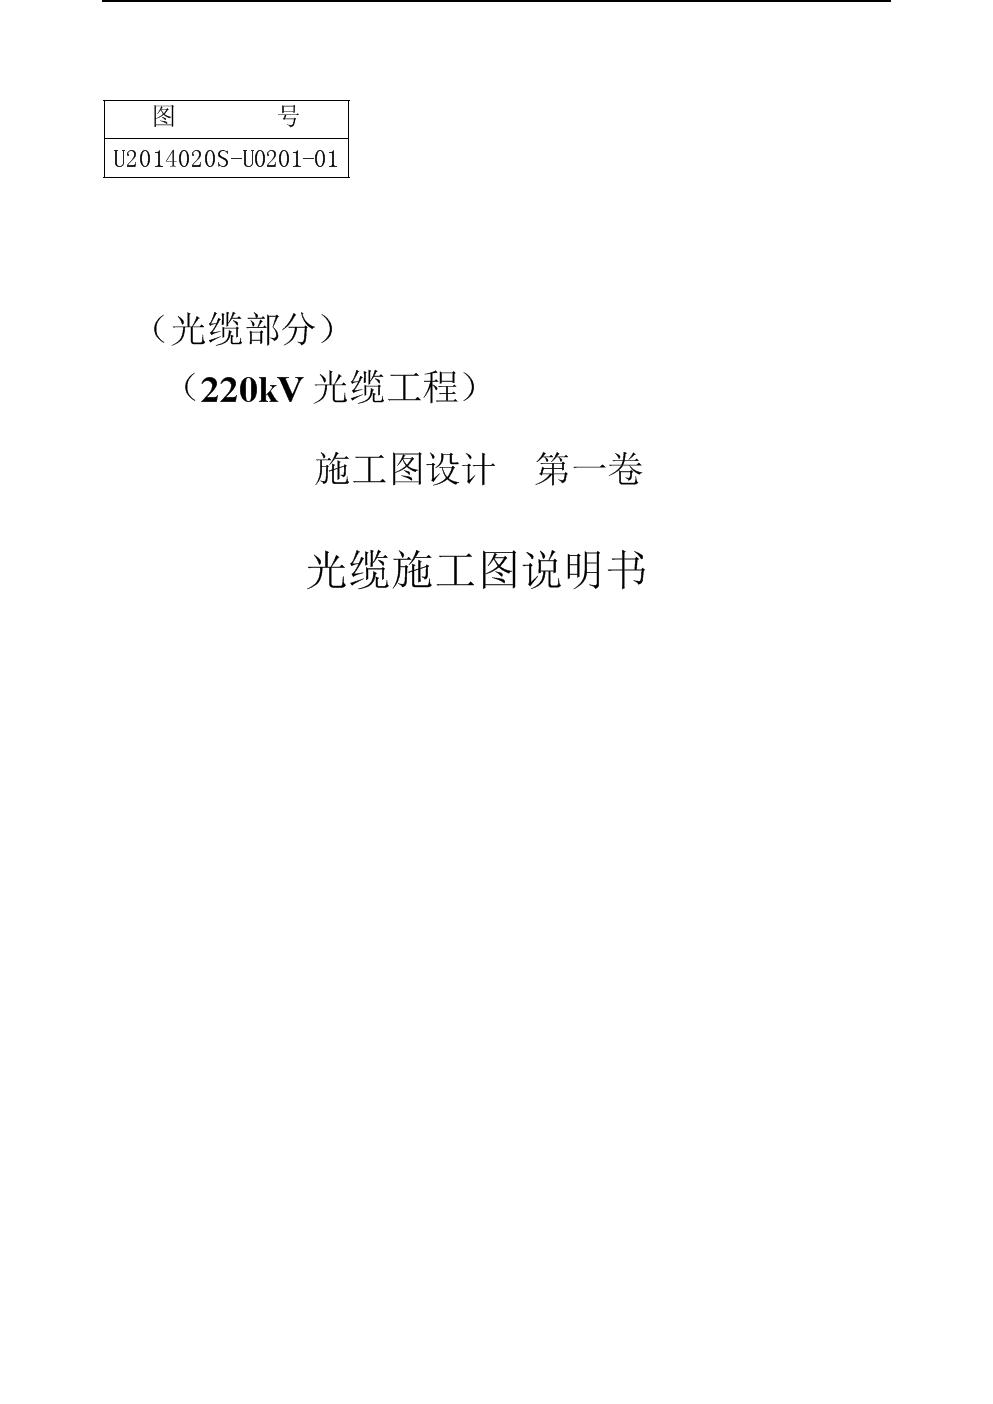 光缆施工图设计说明书(220kV光缆工程).doc